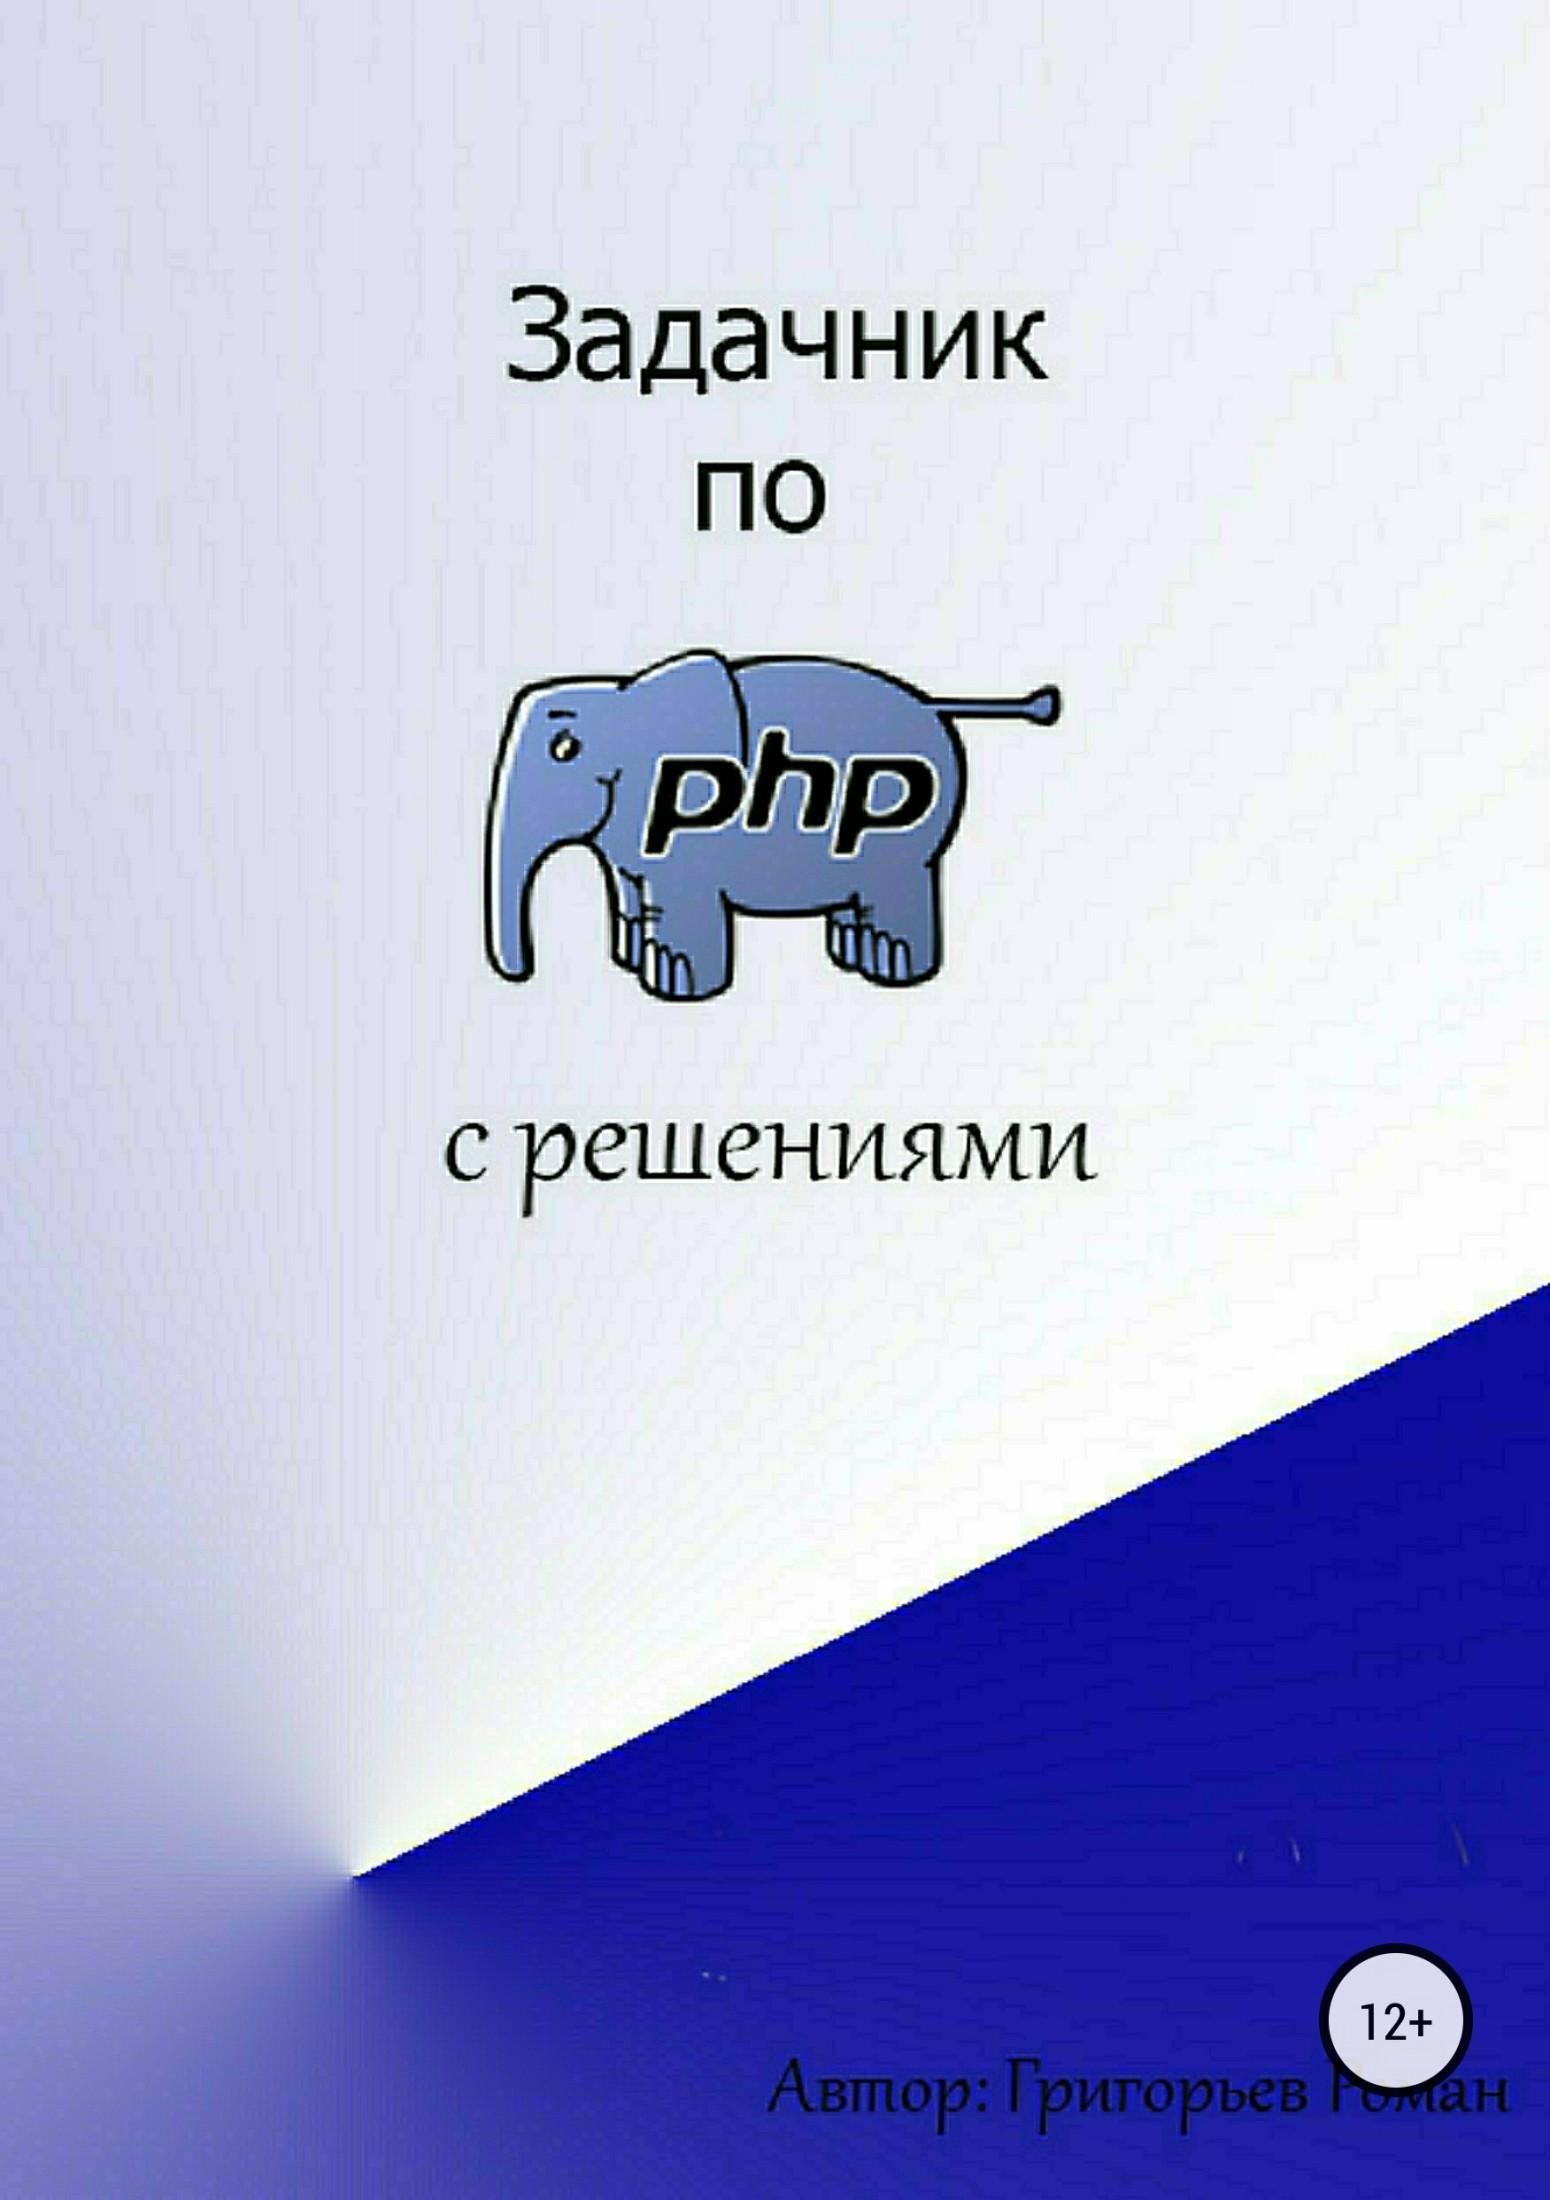 Роман Игоревич Григорьев Задачник по PHP (с решениями) александр жадаев php для начинающих